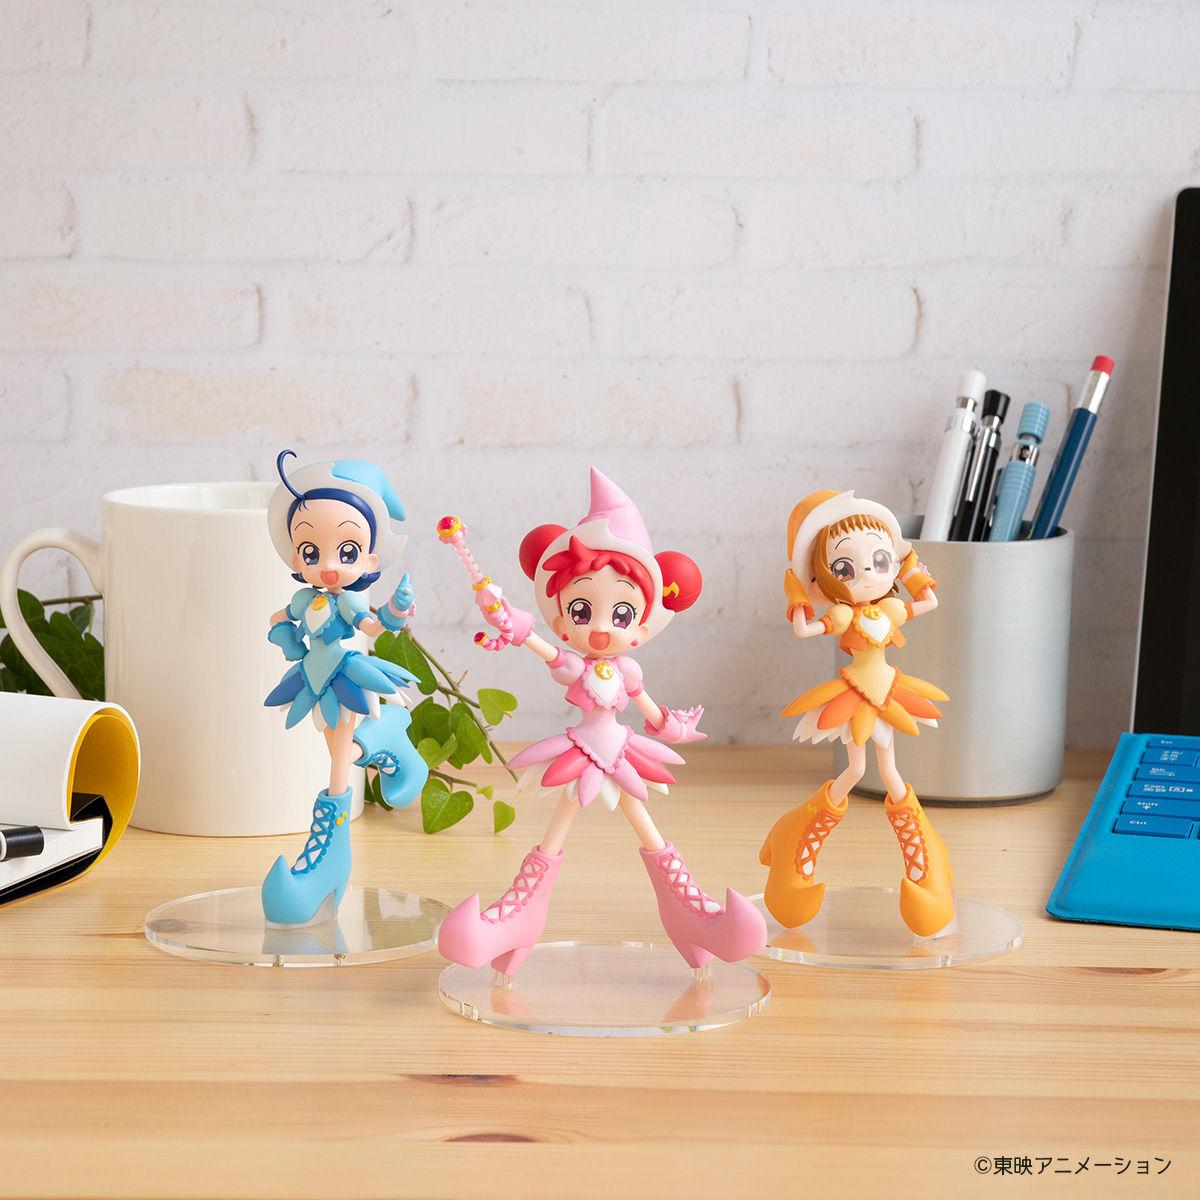 【限定販売】HG GIRLS『おジャ魔女どれみセット』3体セット-009